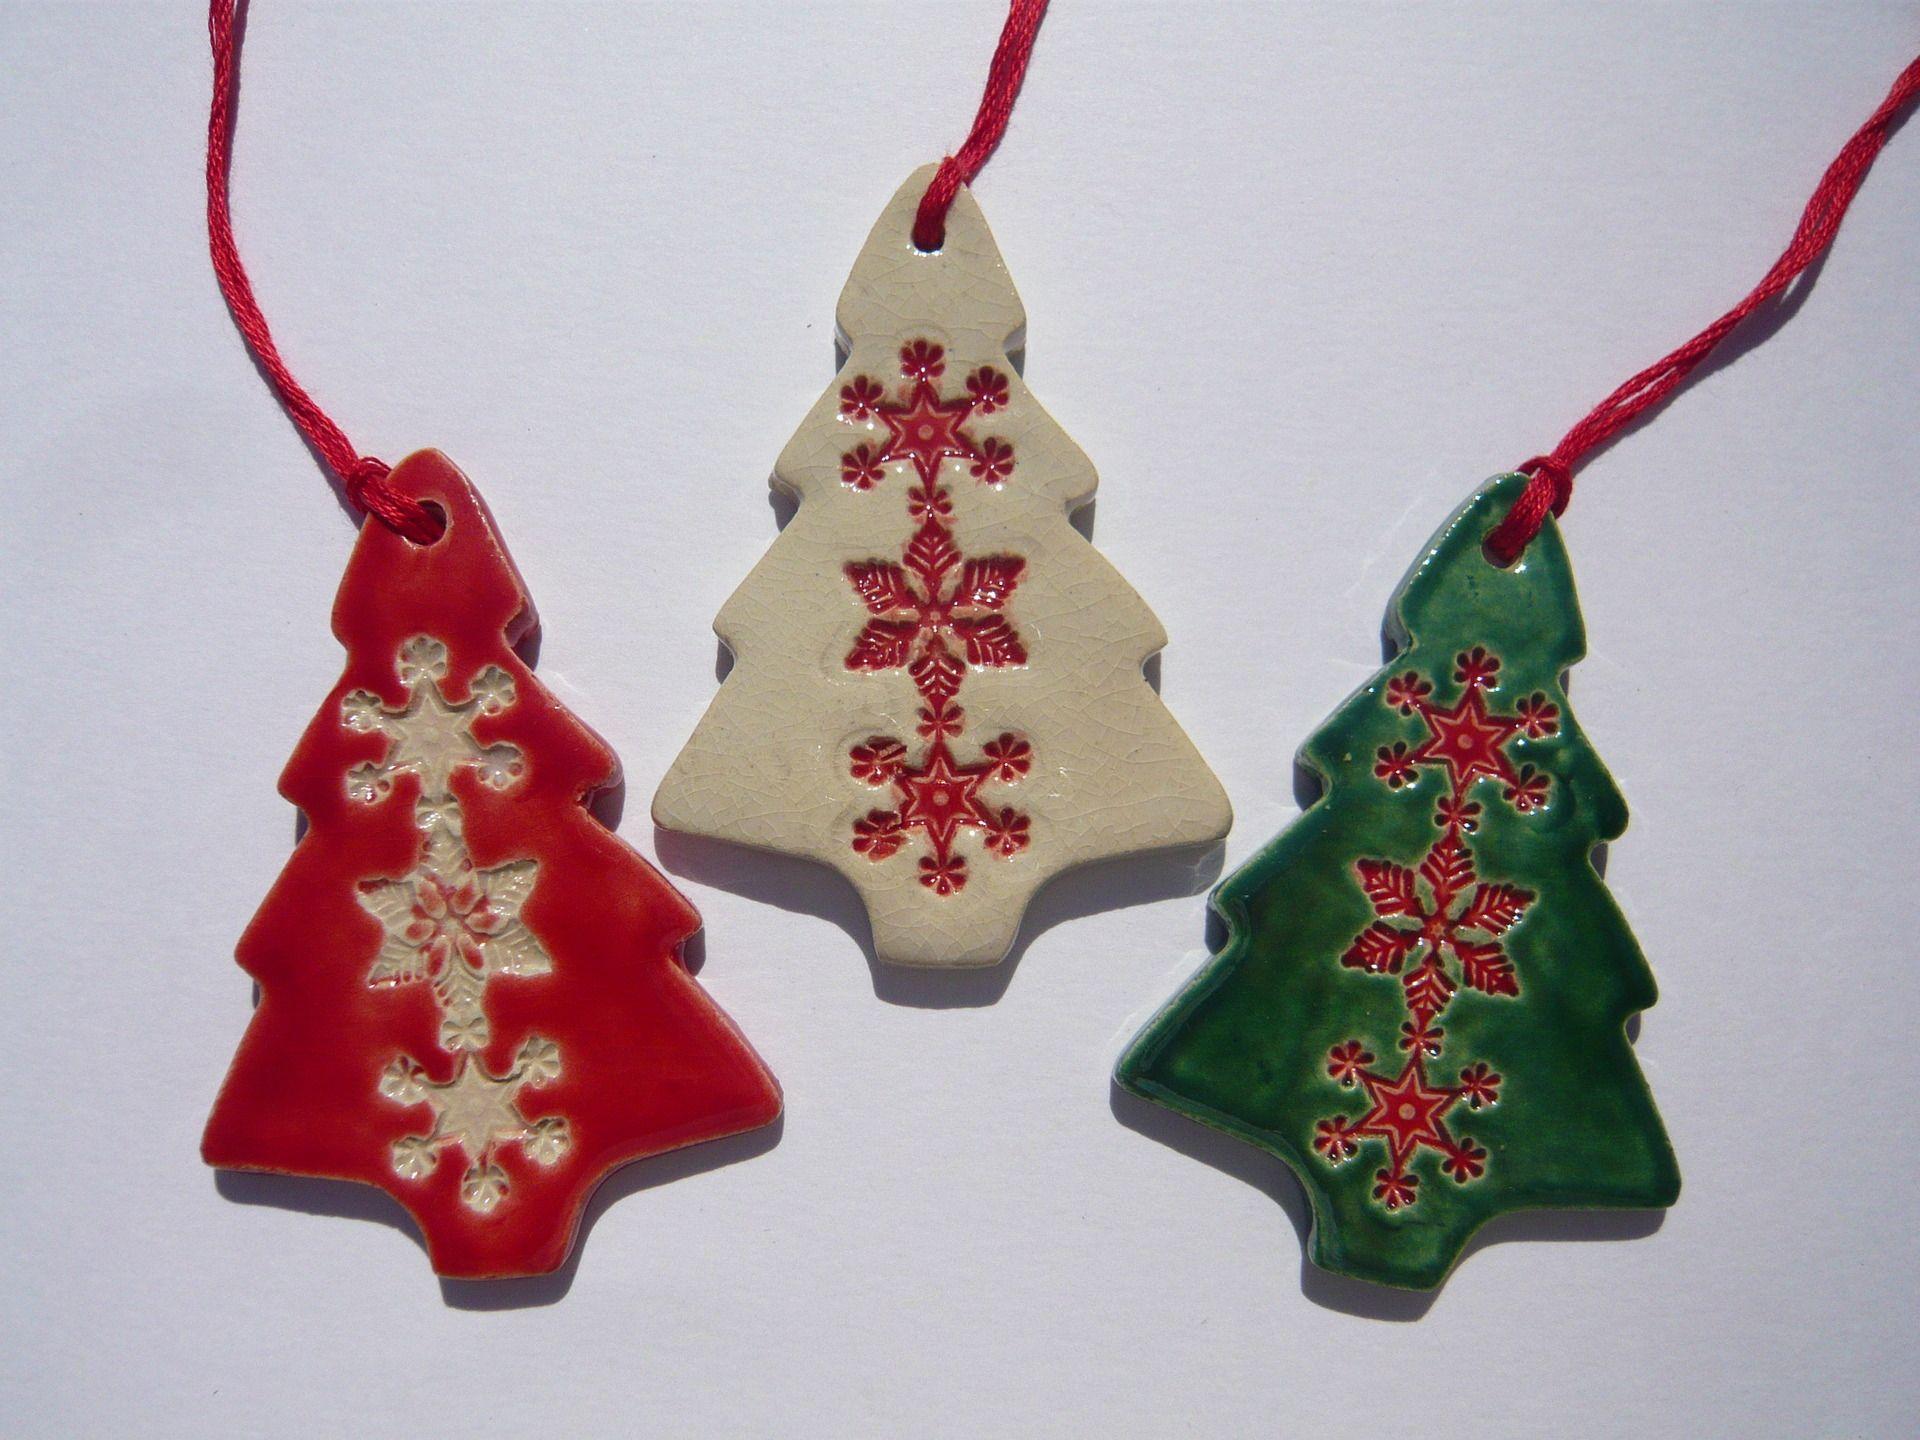 #871825 Décorations De Noël Lot De Trois Sapins En Céramique Rouge  6115 decoration de noel verte 1920x1440 px @ aertt.com